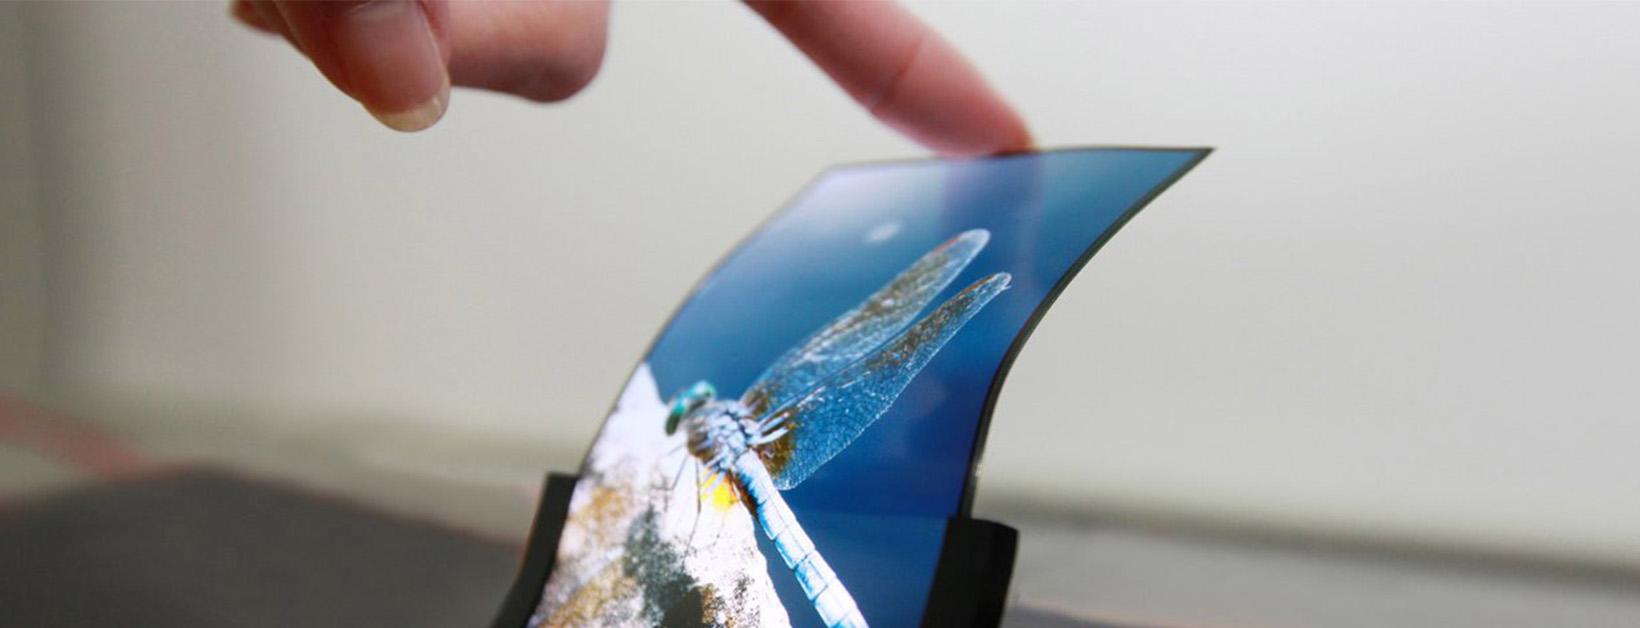 ¿Por qué las nuevas pantallas plegables no se rompen?